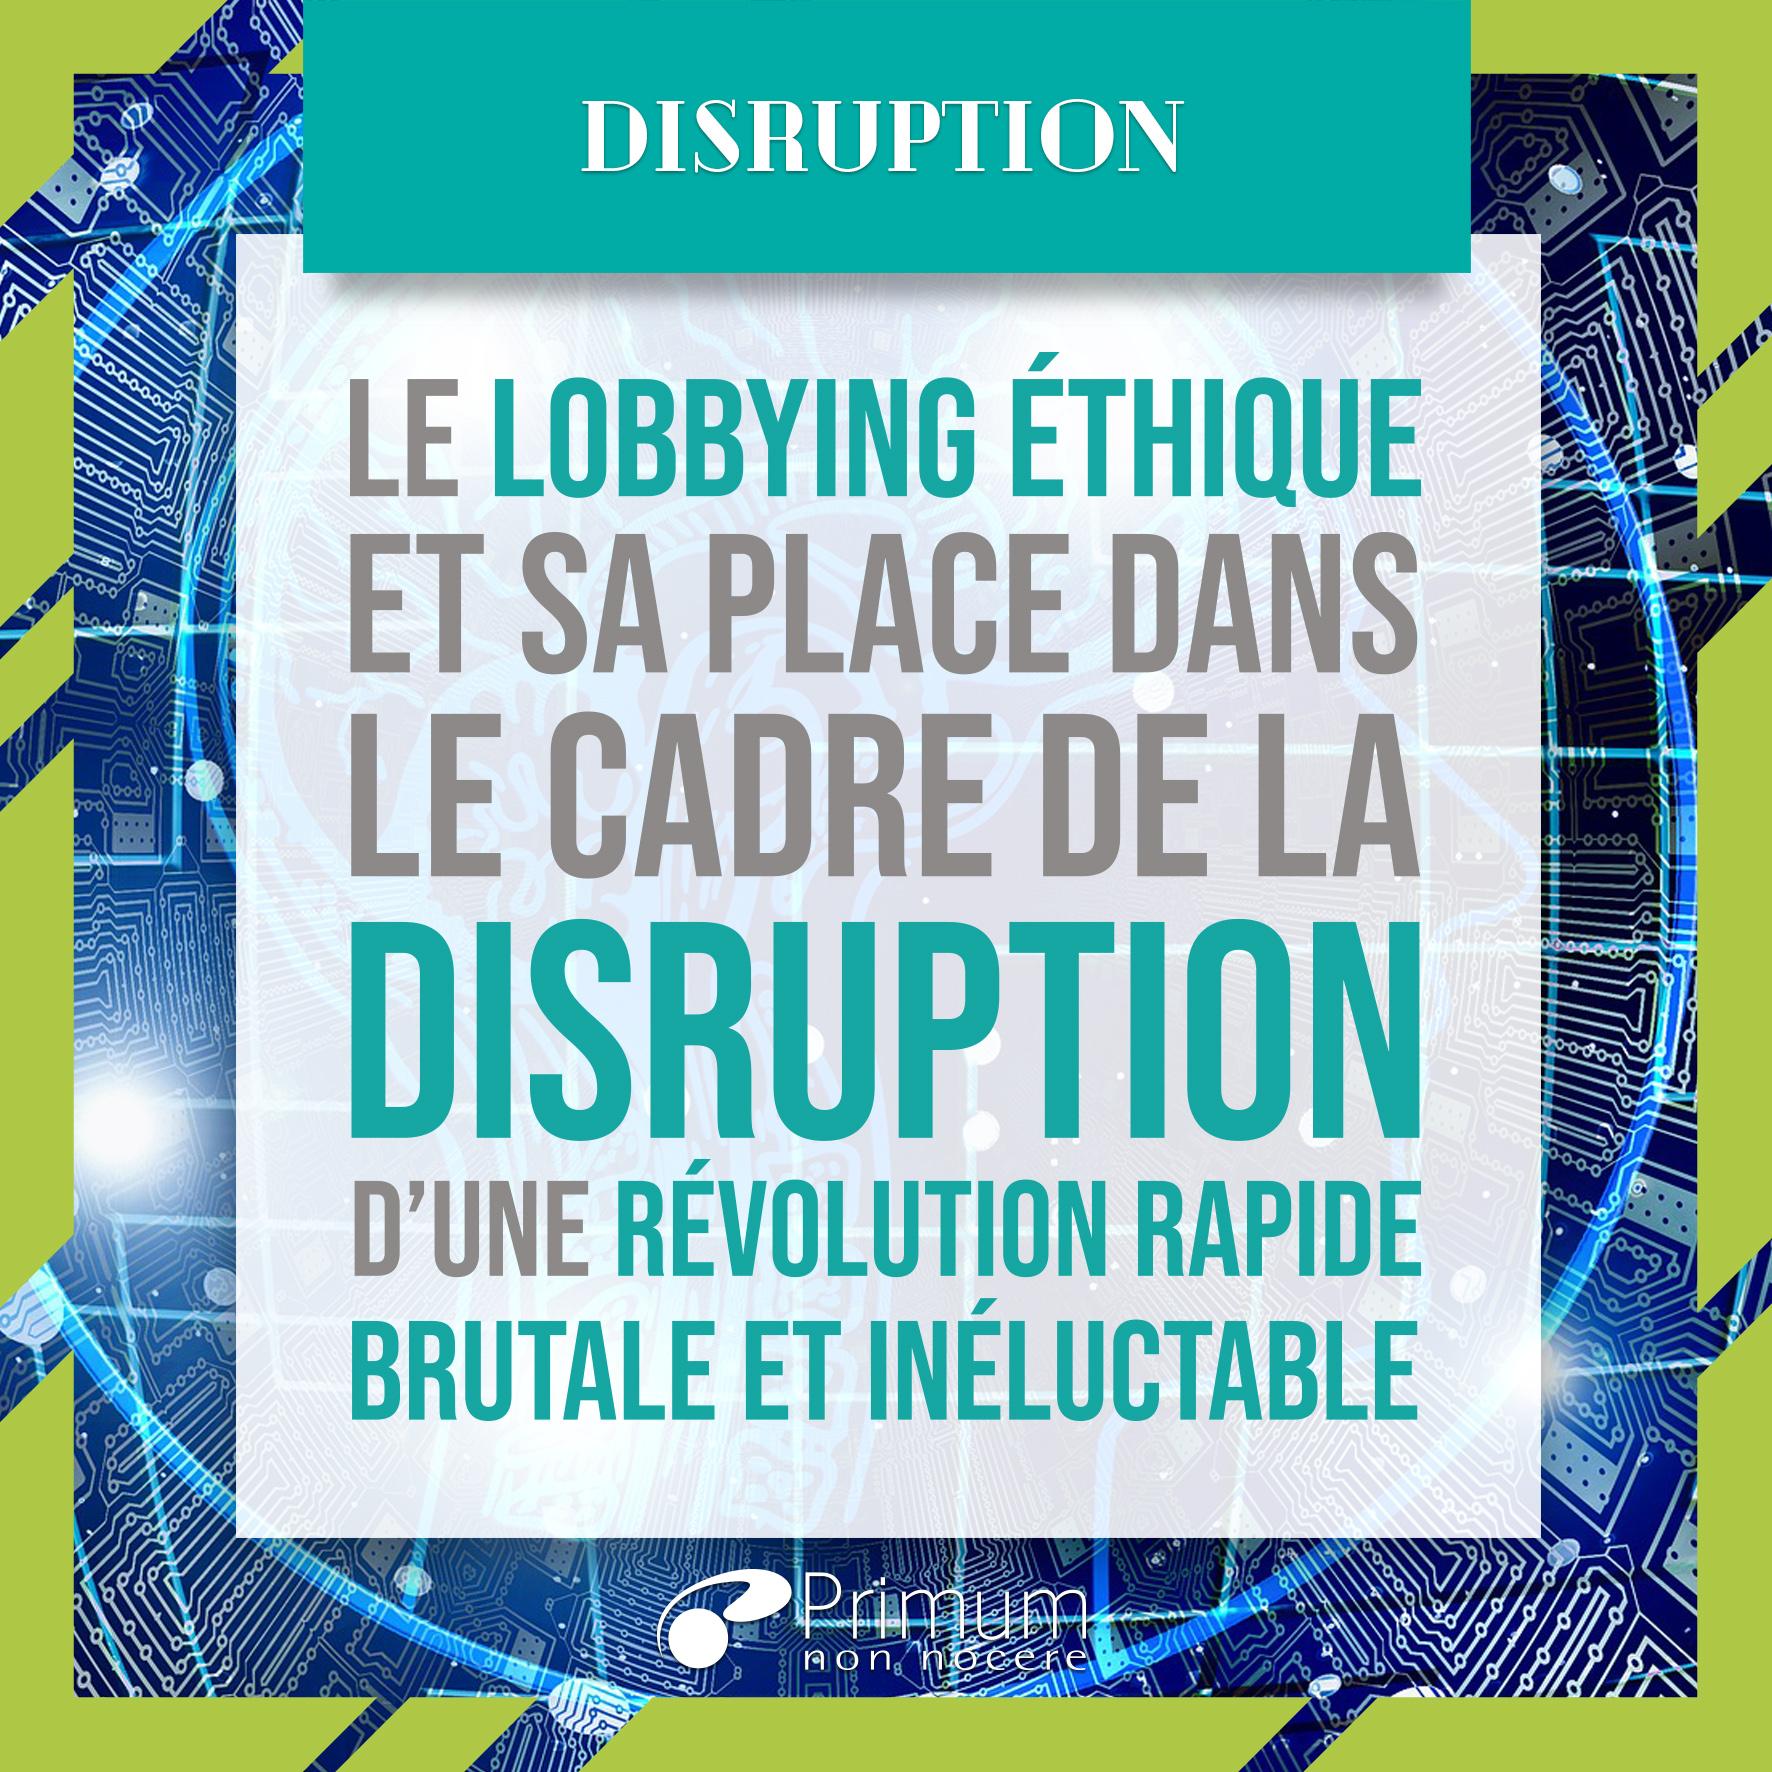 disruption et lobbying éthique